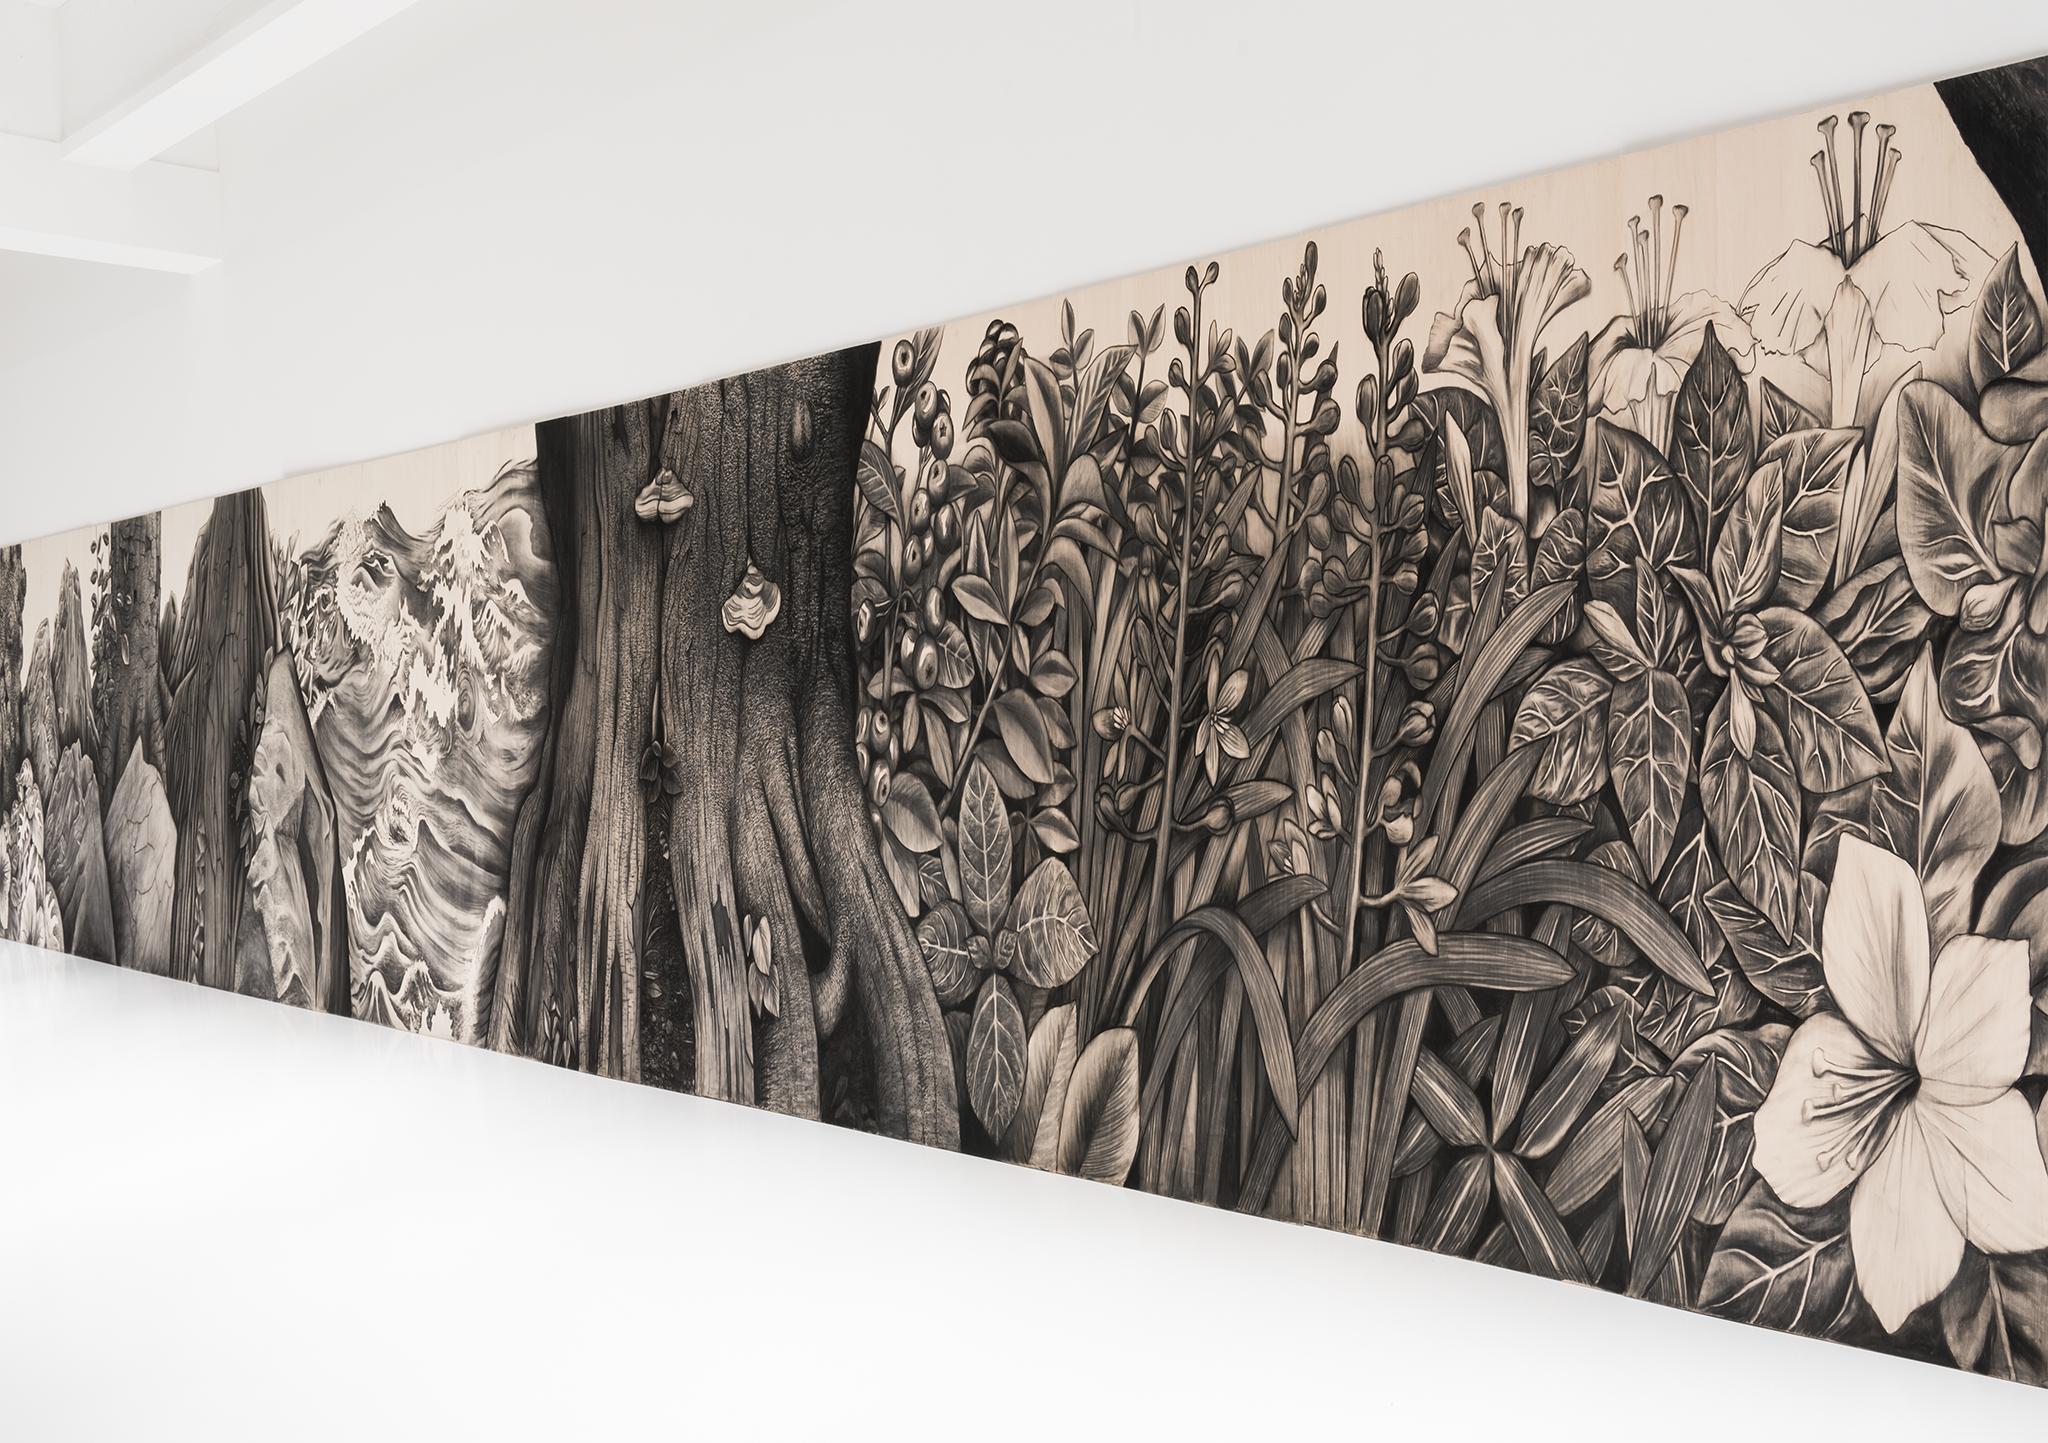 アスファルトに確かに息づく森達・佐藤直樹個展「秘境の東京、そこで生えている」【今週のおすすめアート】